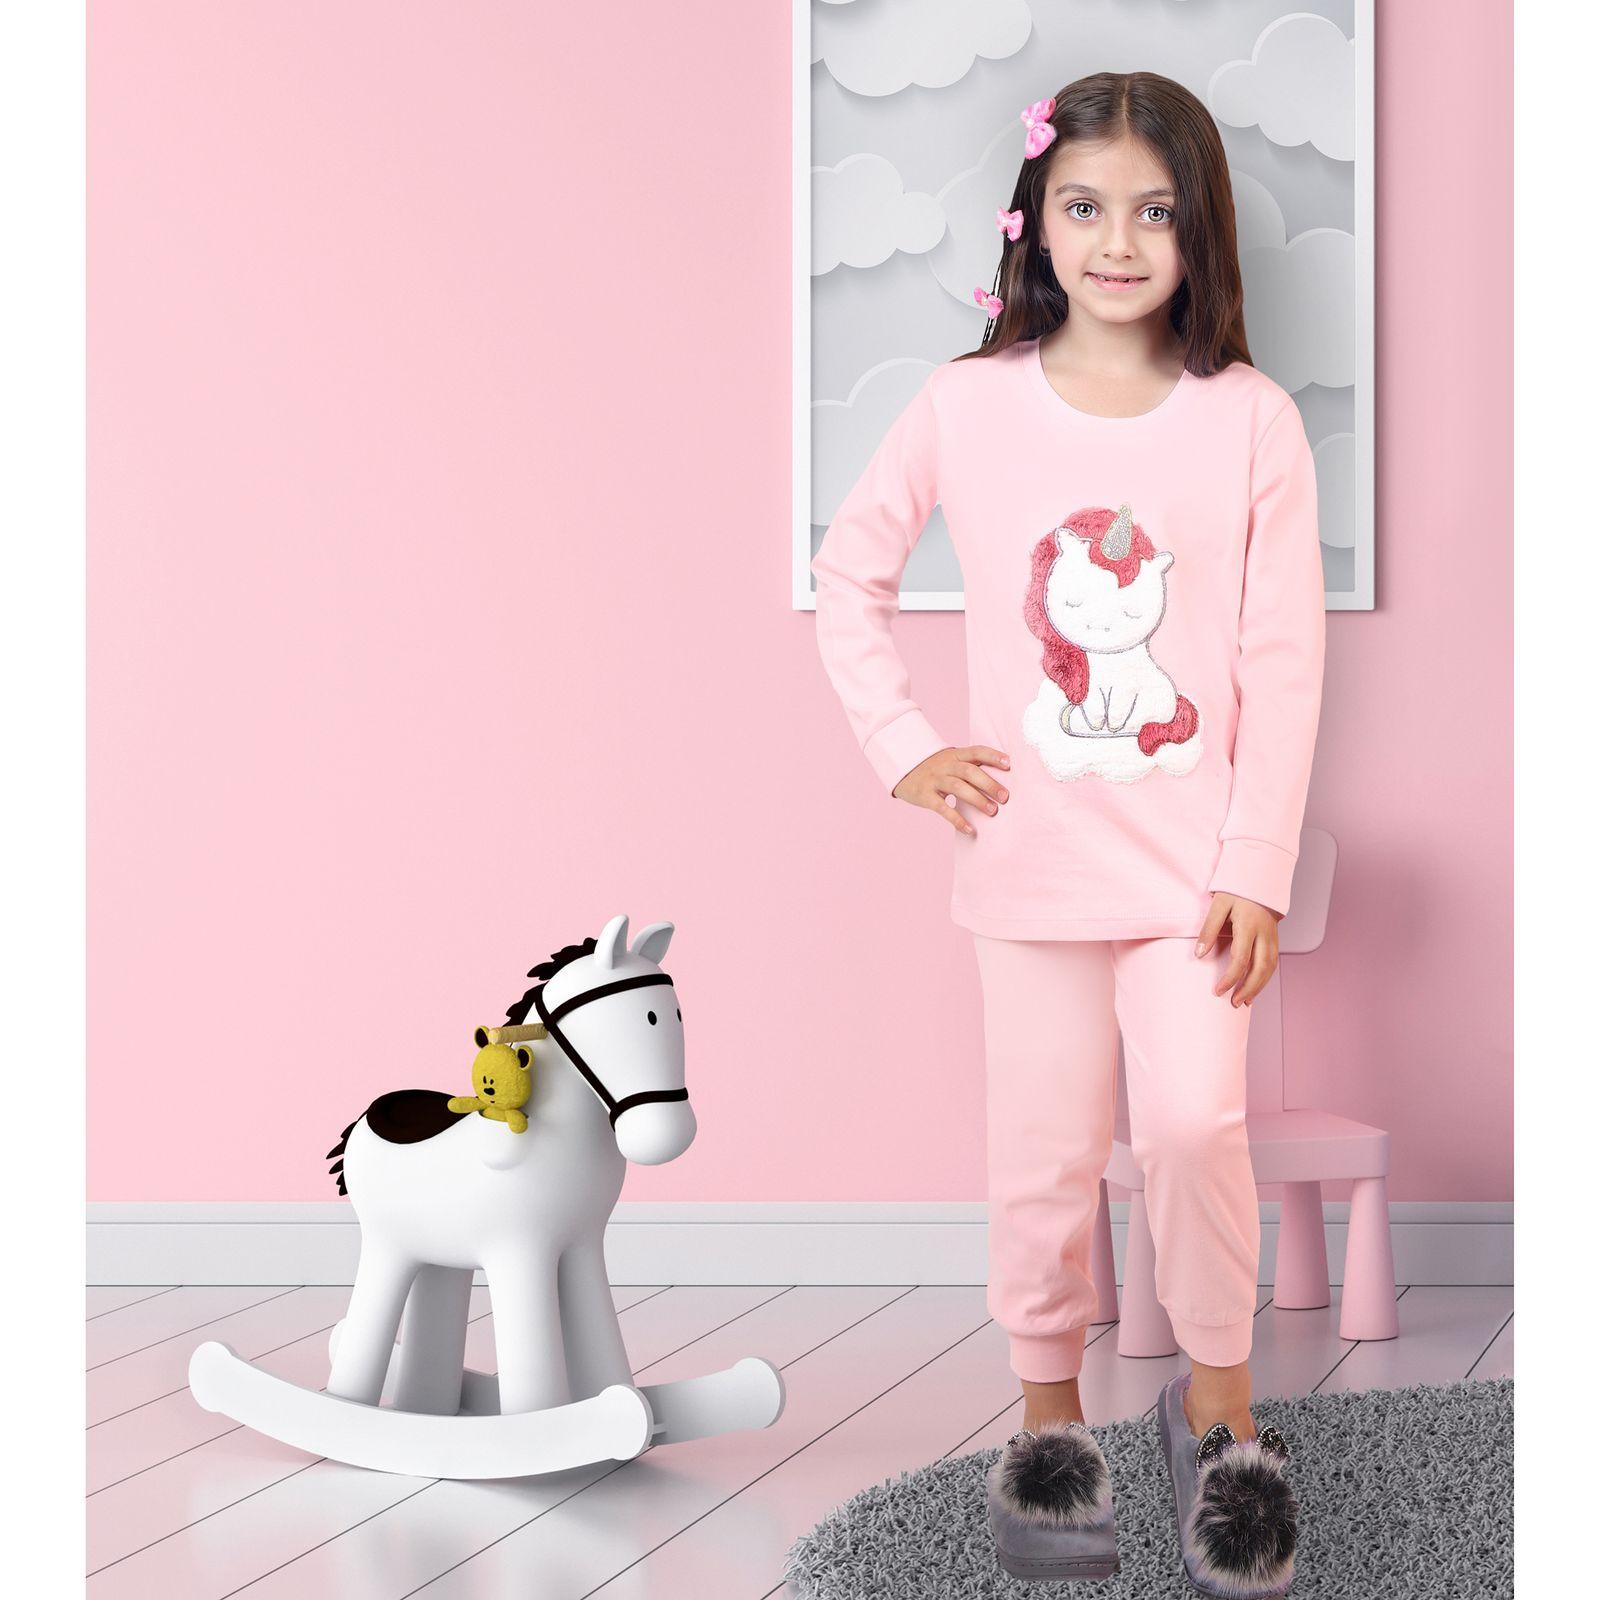 ست تی شرت و شلوار دخترانه مادر مدل 303-84 main 1 8